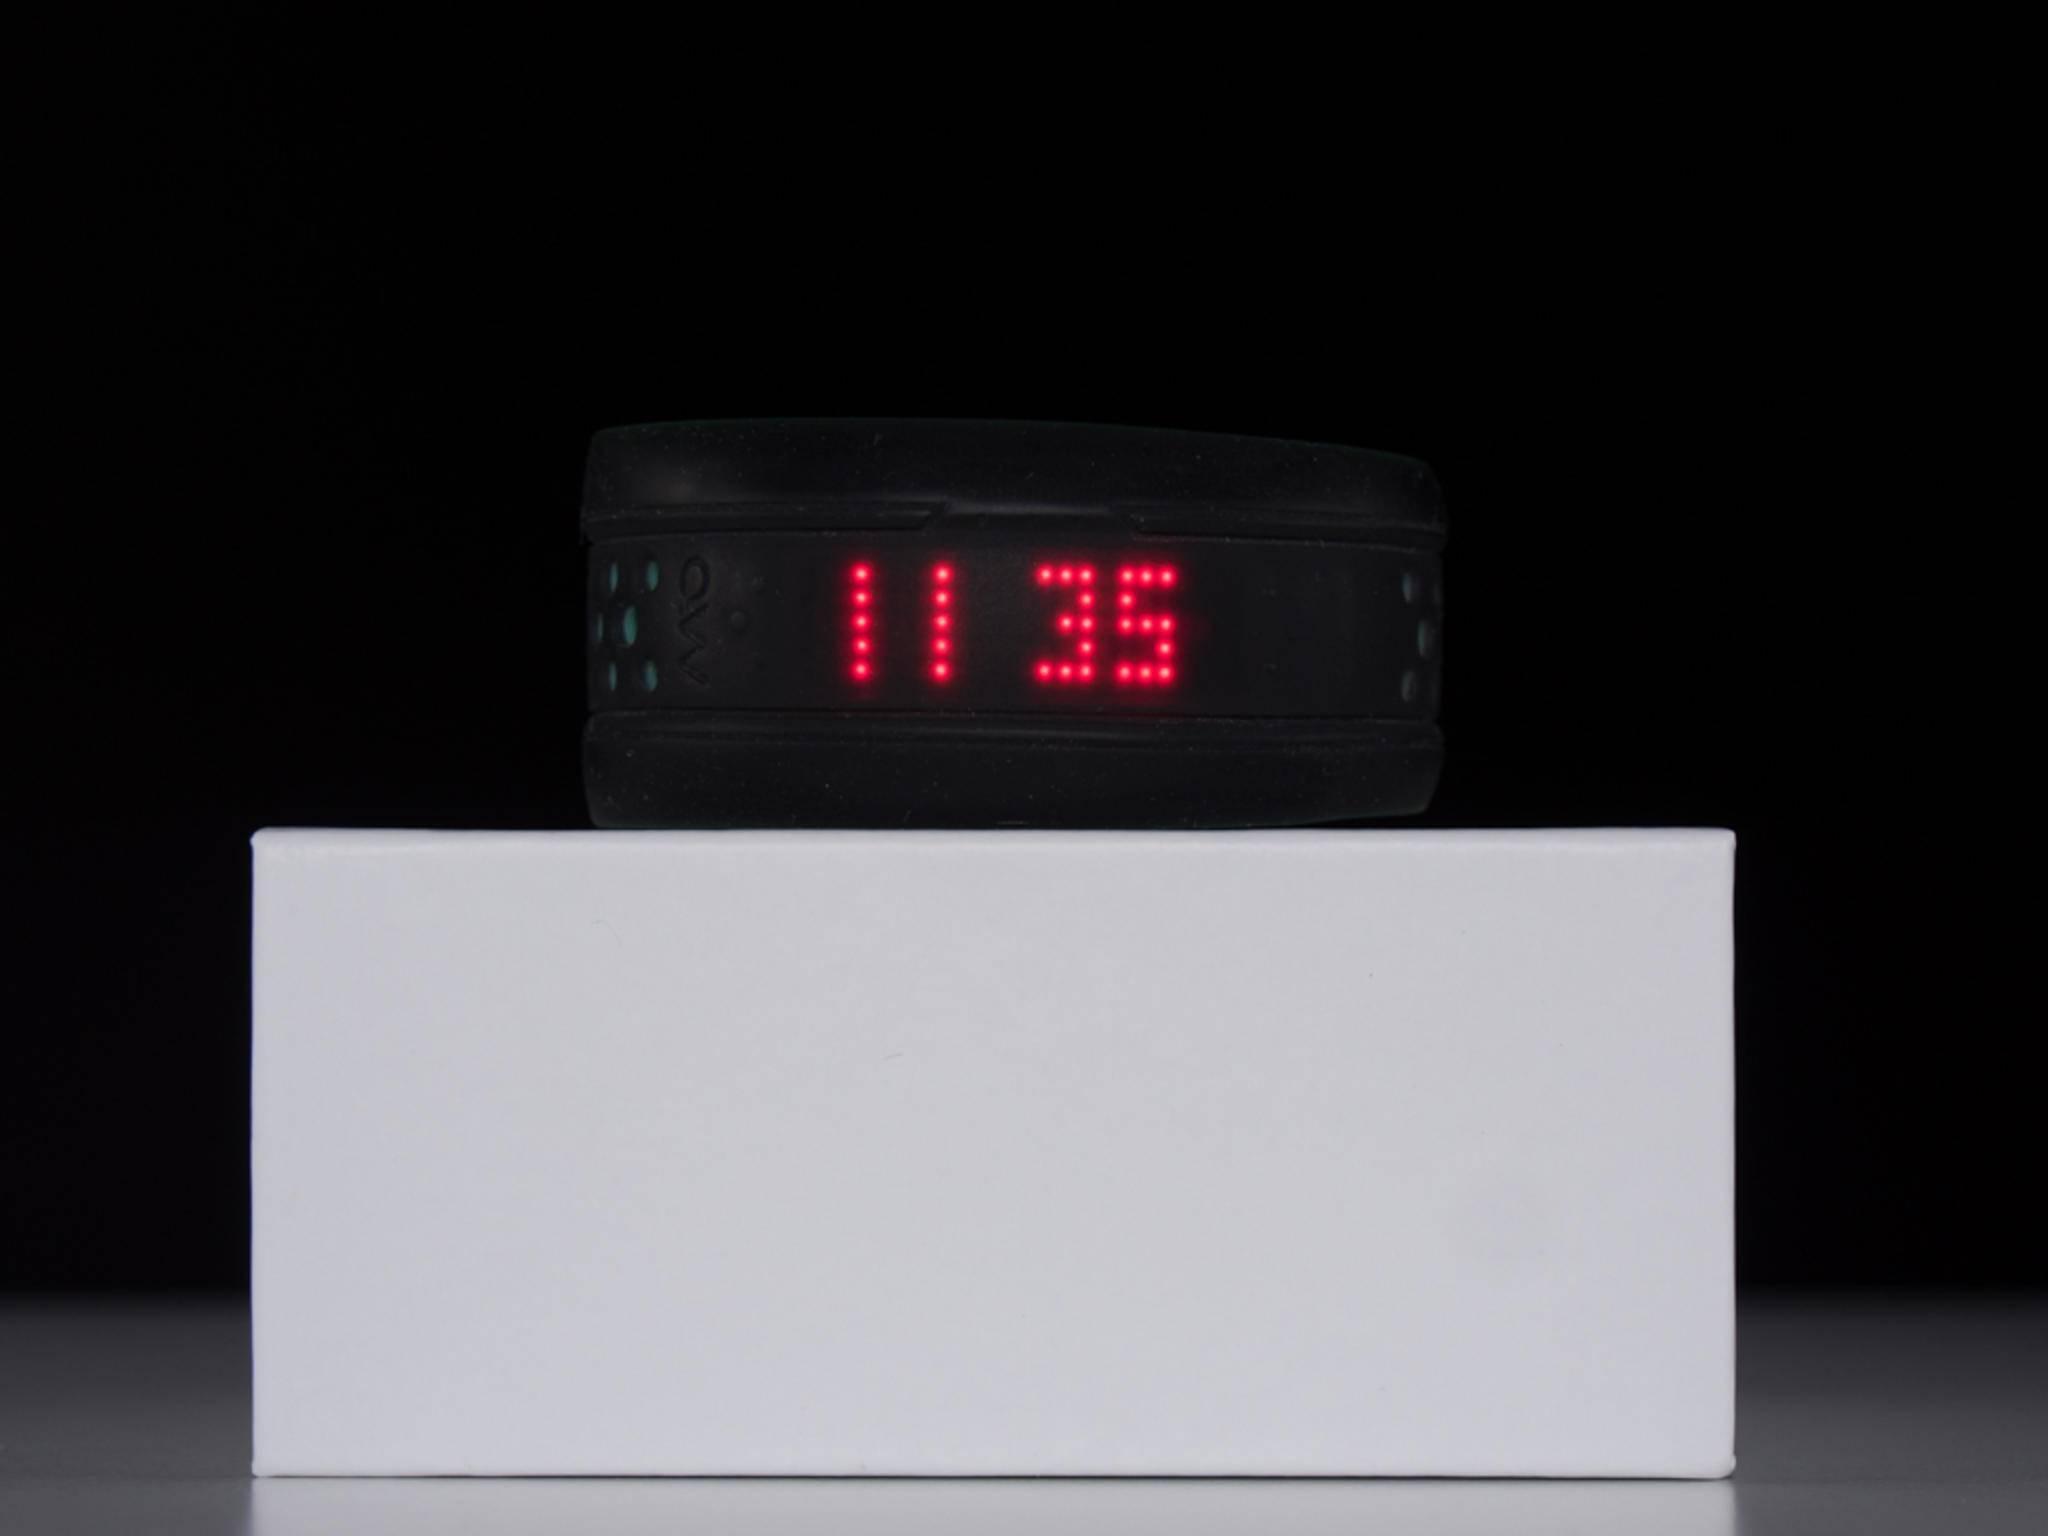 Ein Tipp auf die Oberfläche lässt die Uhrzeit auf der LED-Anzeige erscheinen.